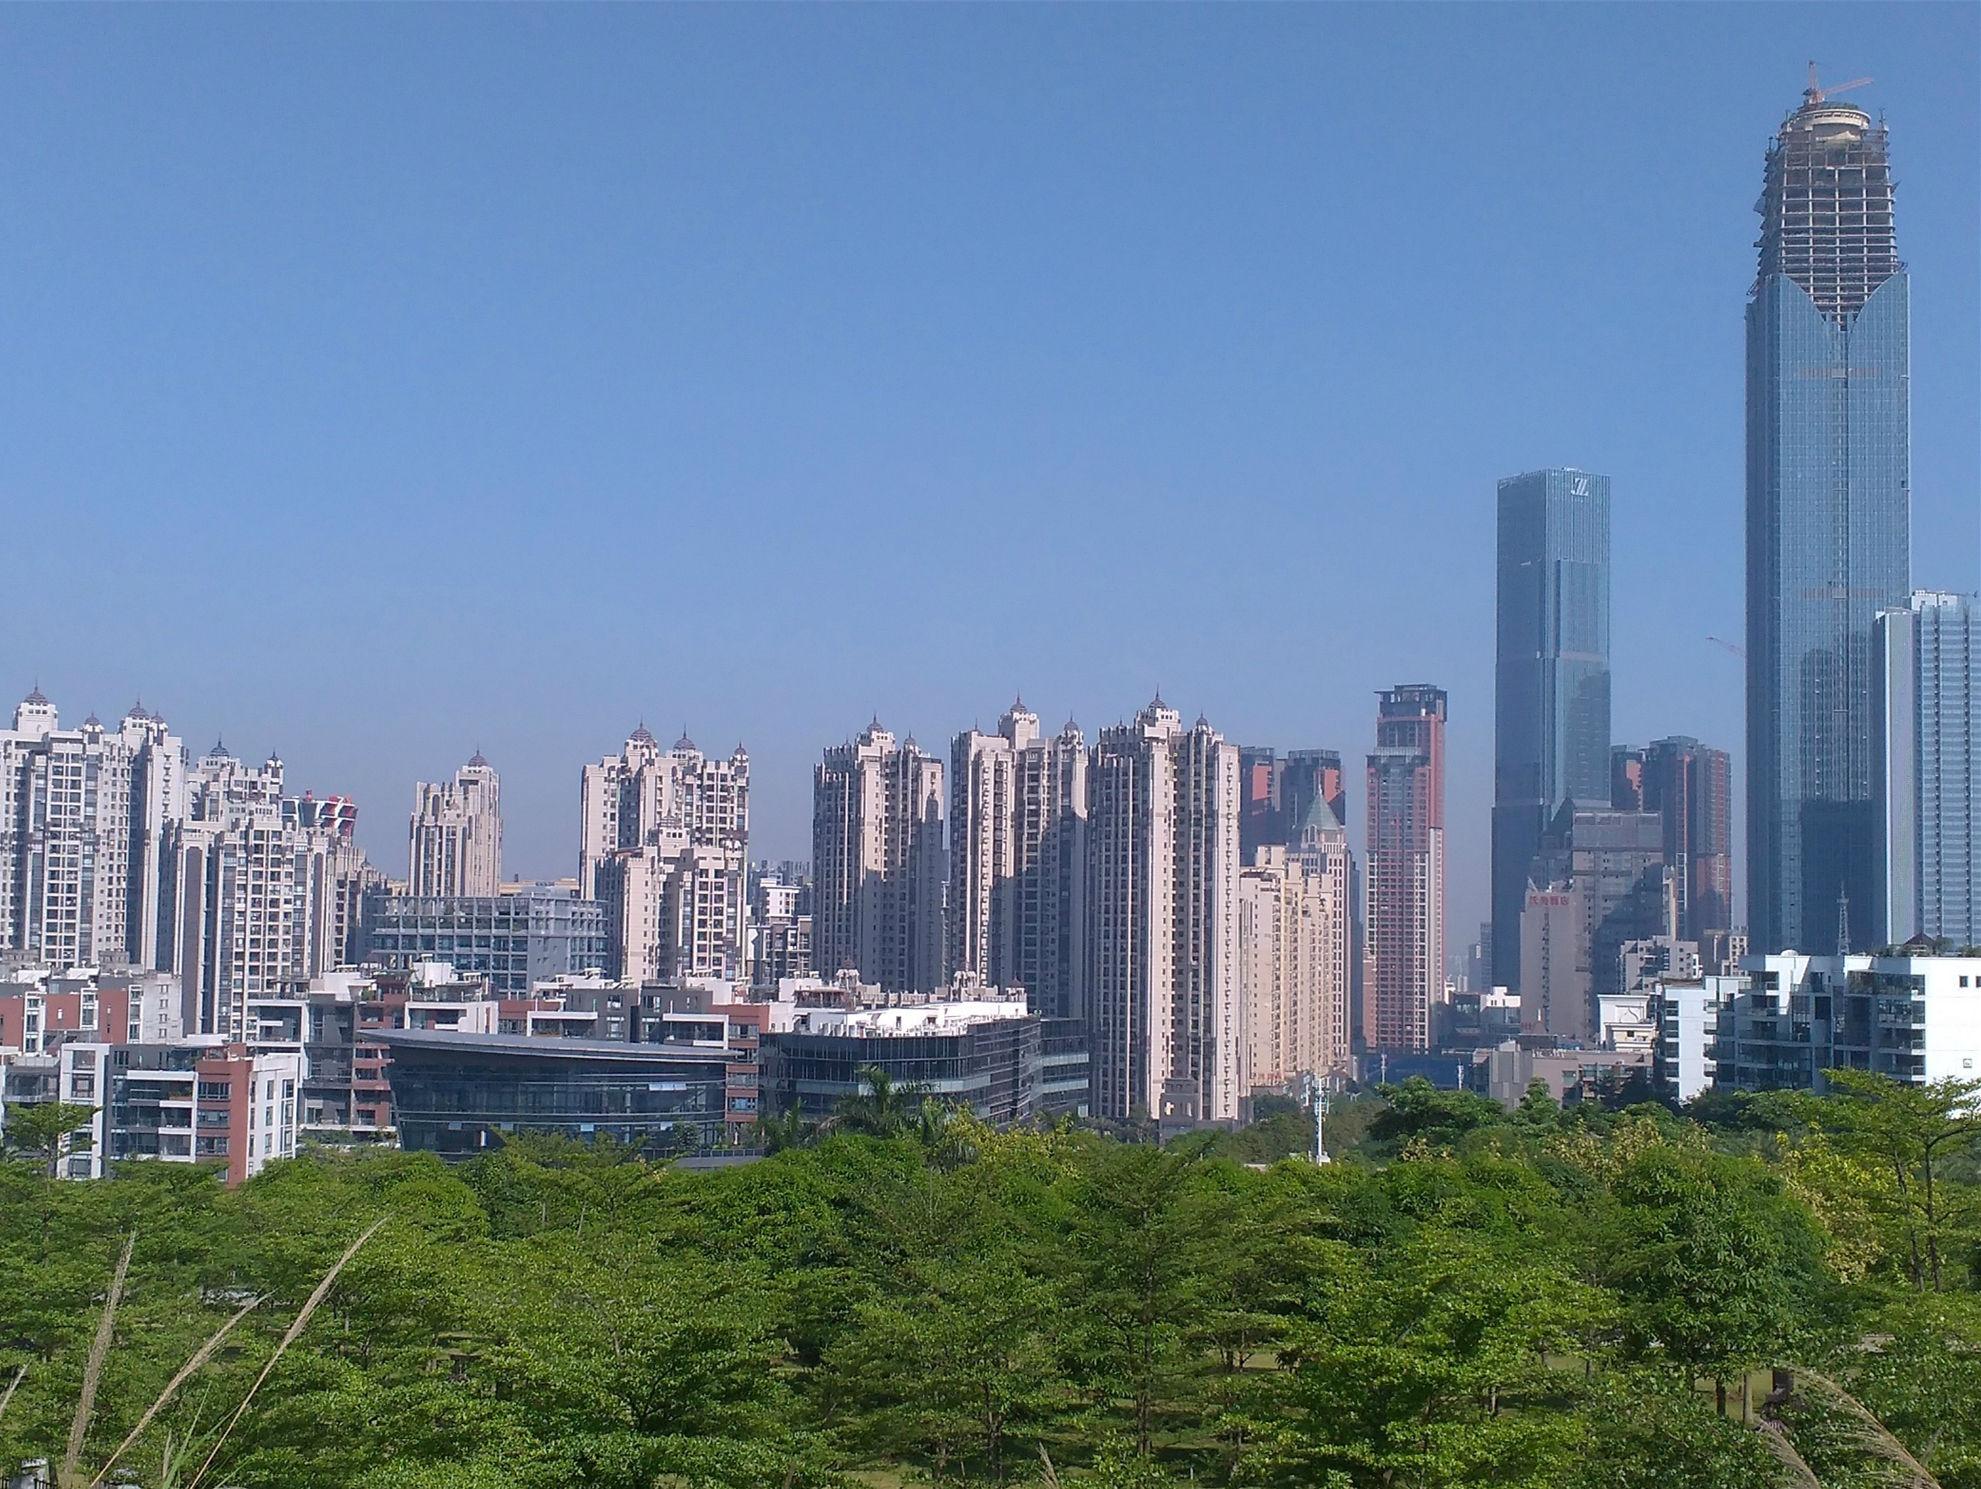 广西第一高楼403米高,总耗资80亿港币,你觉得值得吗